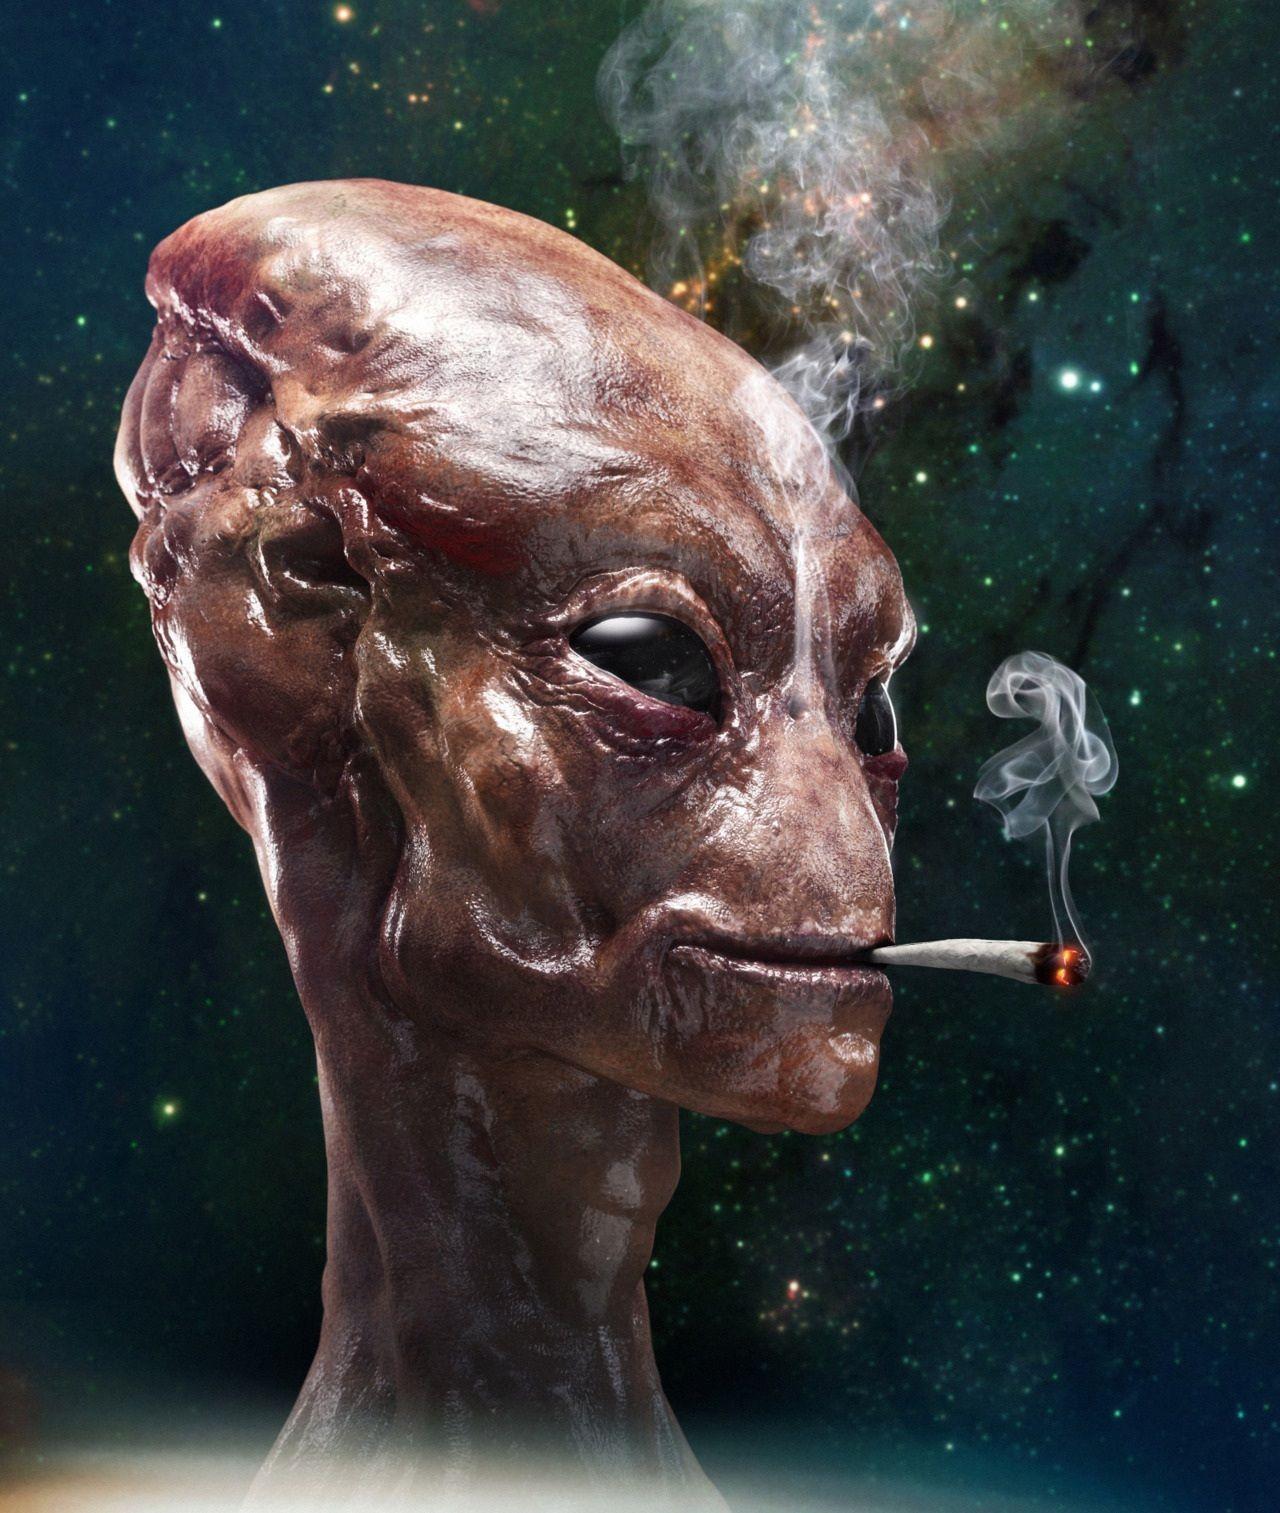 Смешные картинки инопланетянин, открытка